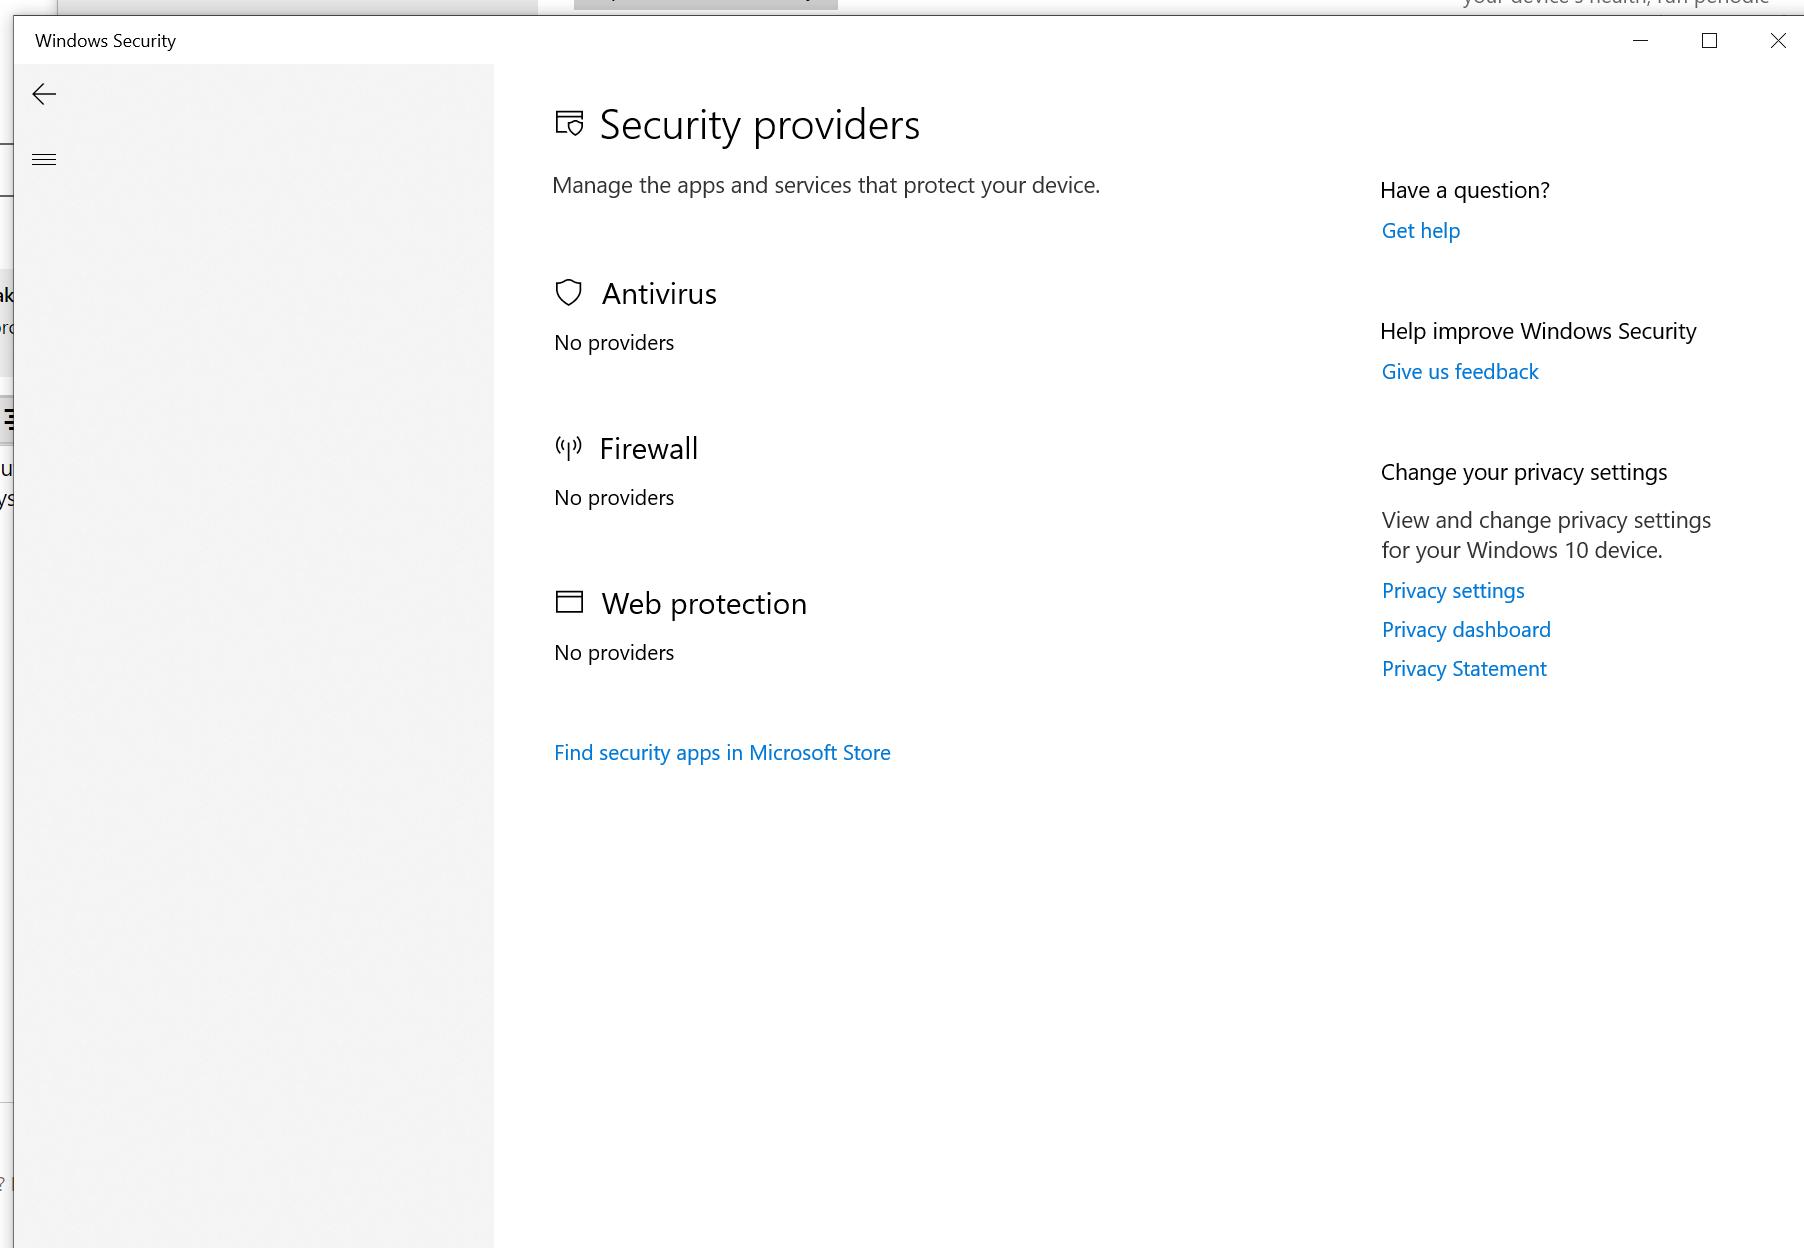 Windows Defender is gone 2003dd19-1719-4557-882a-93a55349ee25?upload=true.png